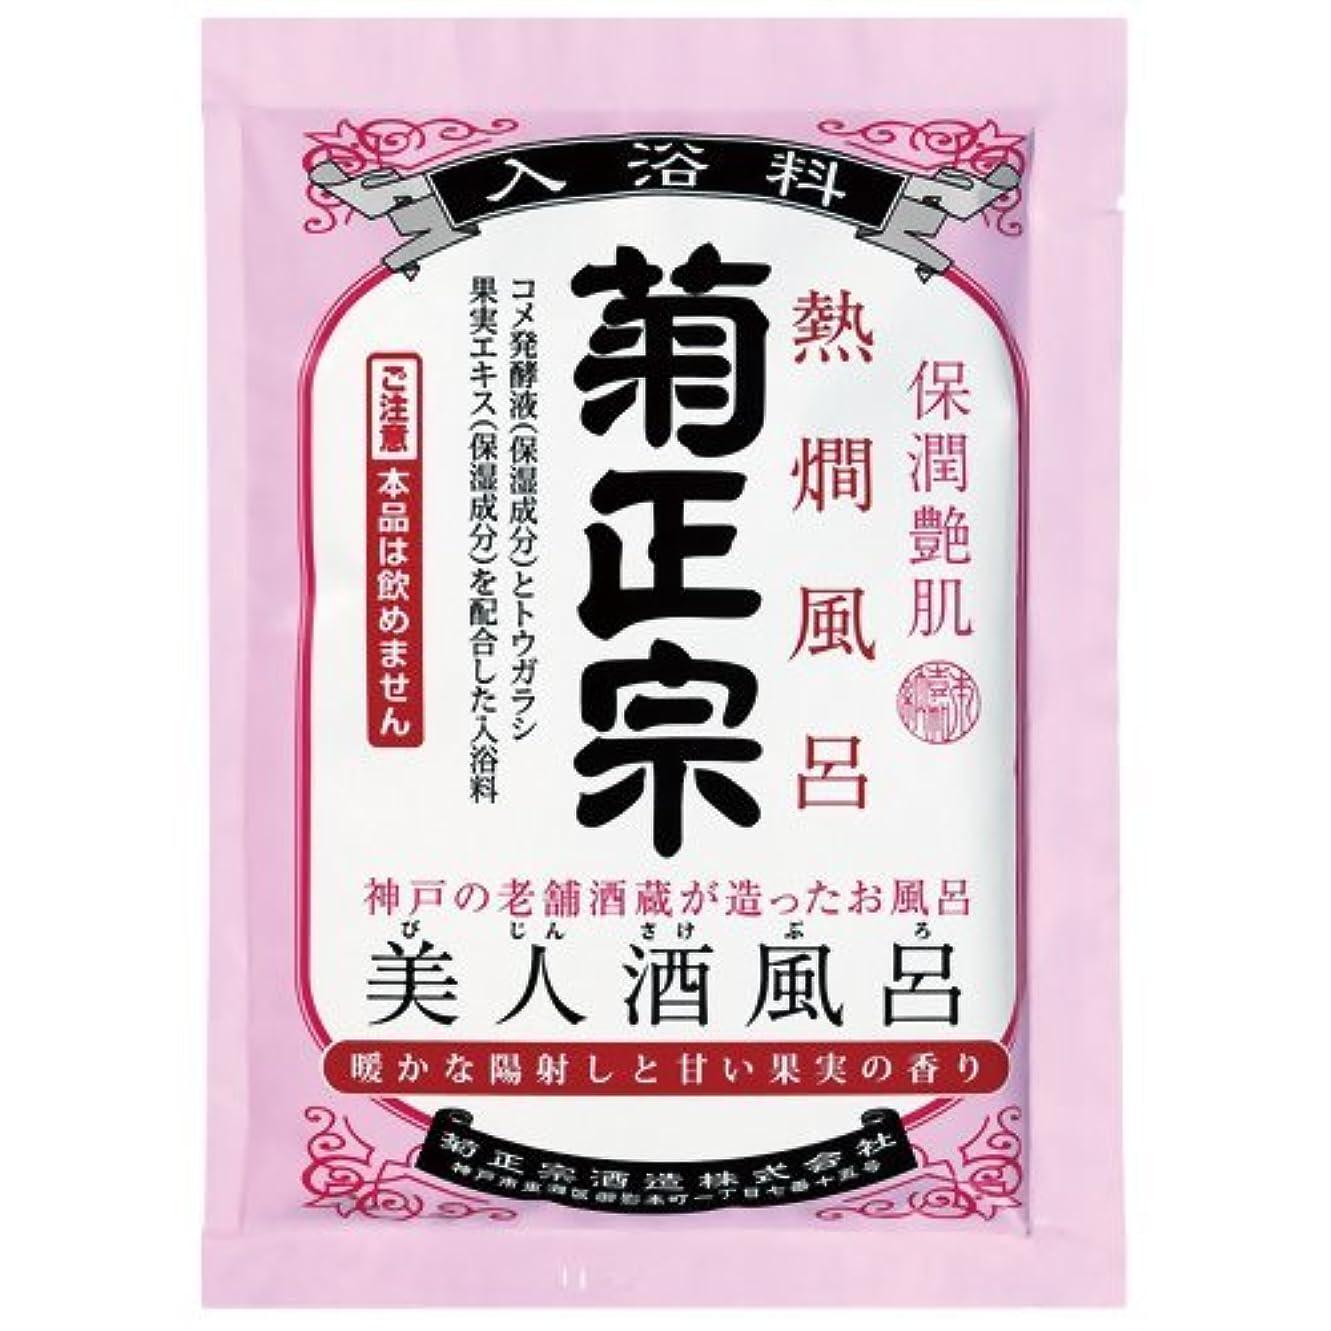 設計図価格写真を描く菊正宗 美人酒風呂 熱燗風呂